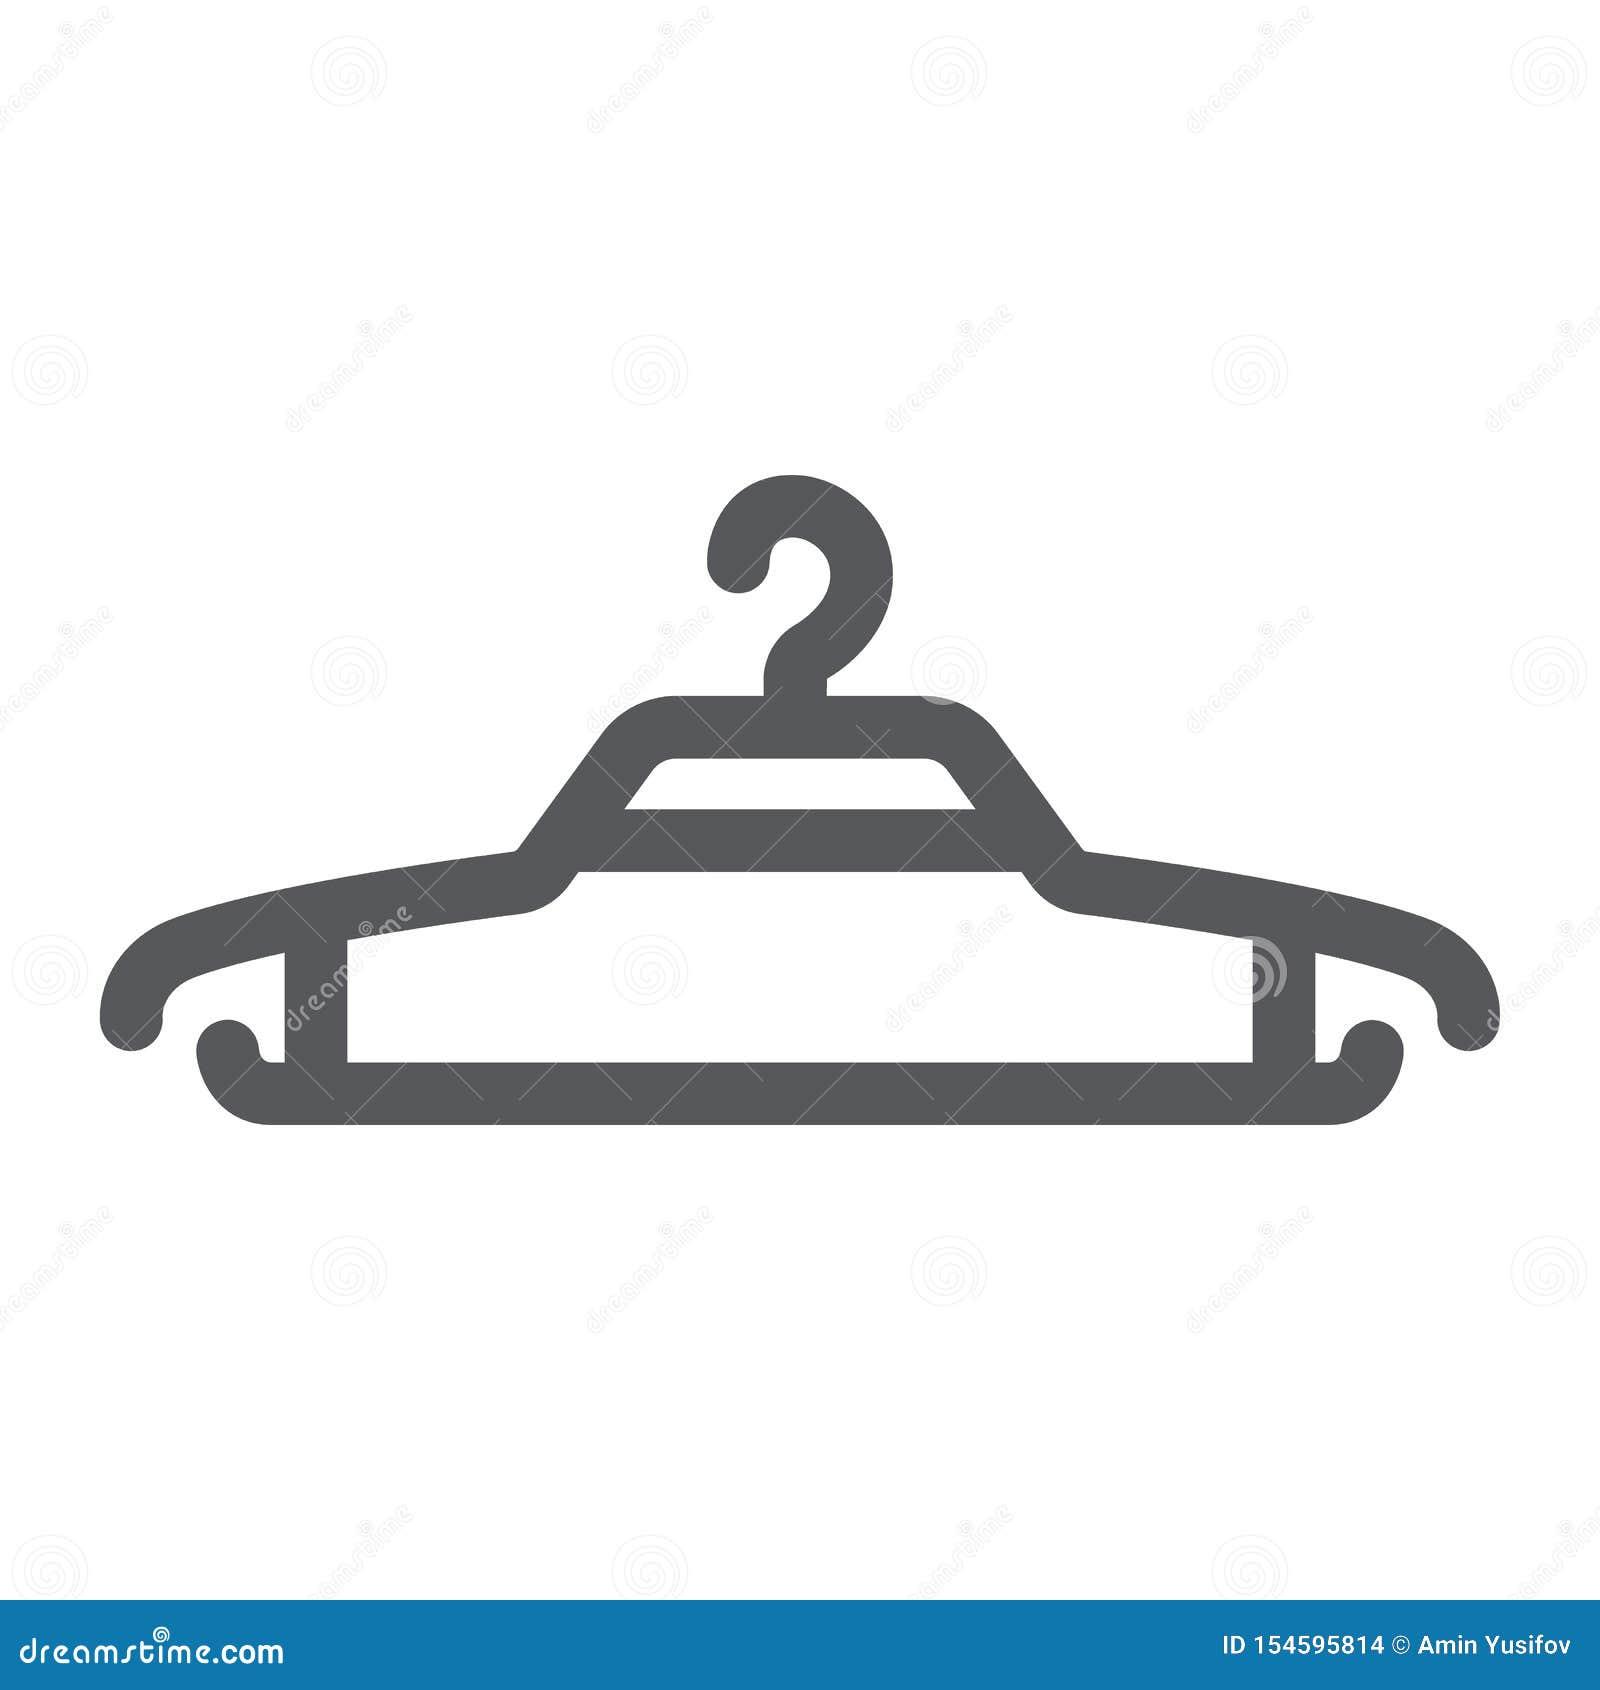 Icona di glifo del gancio, abbigliamento e guardaroba, segno della gruccia per vestiti, grafica vettoriale, un modello solido su